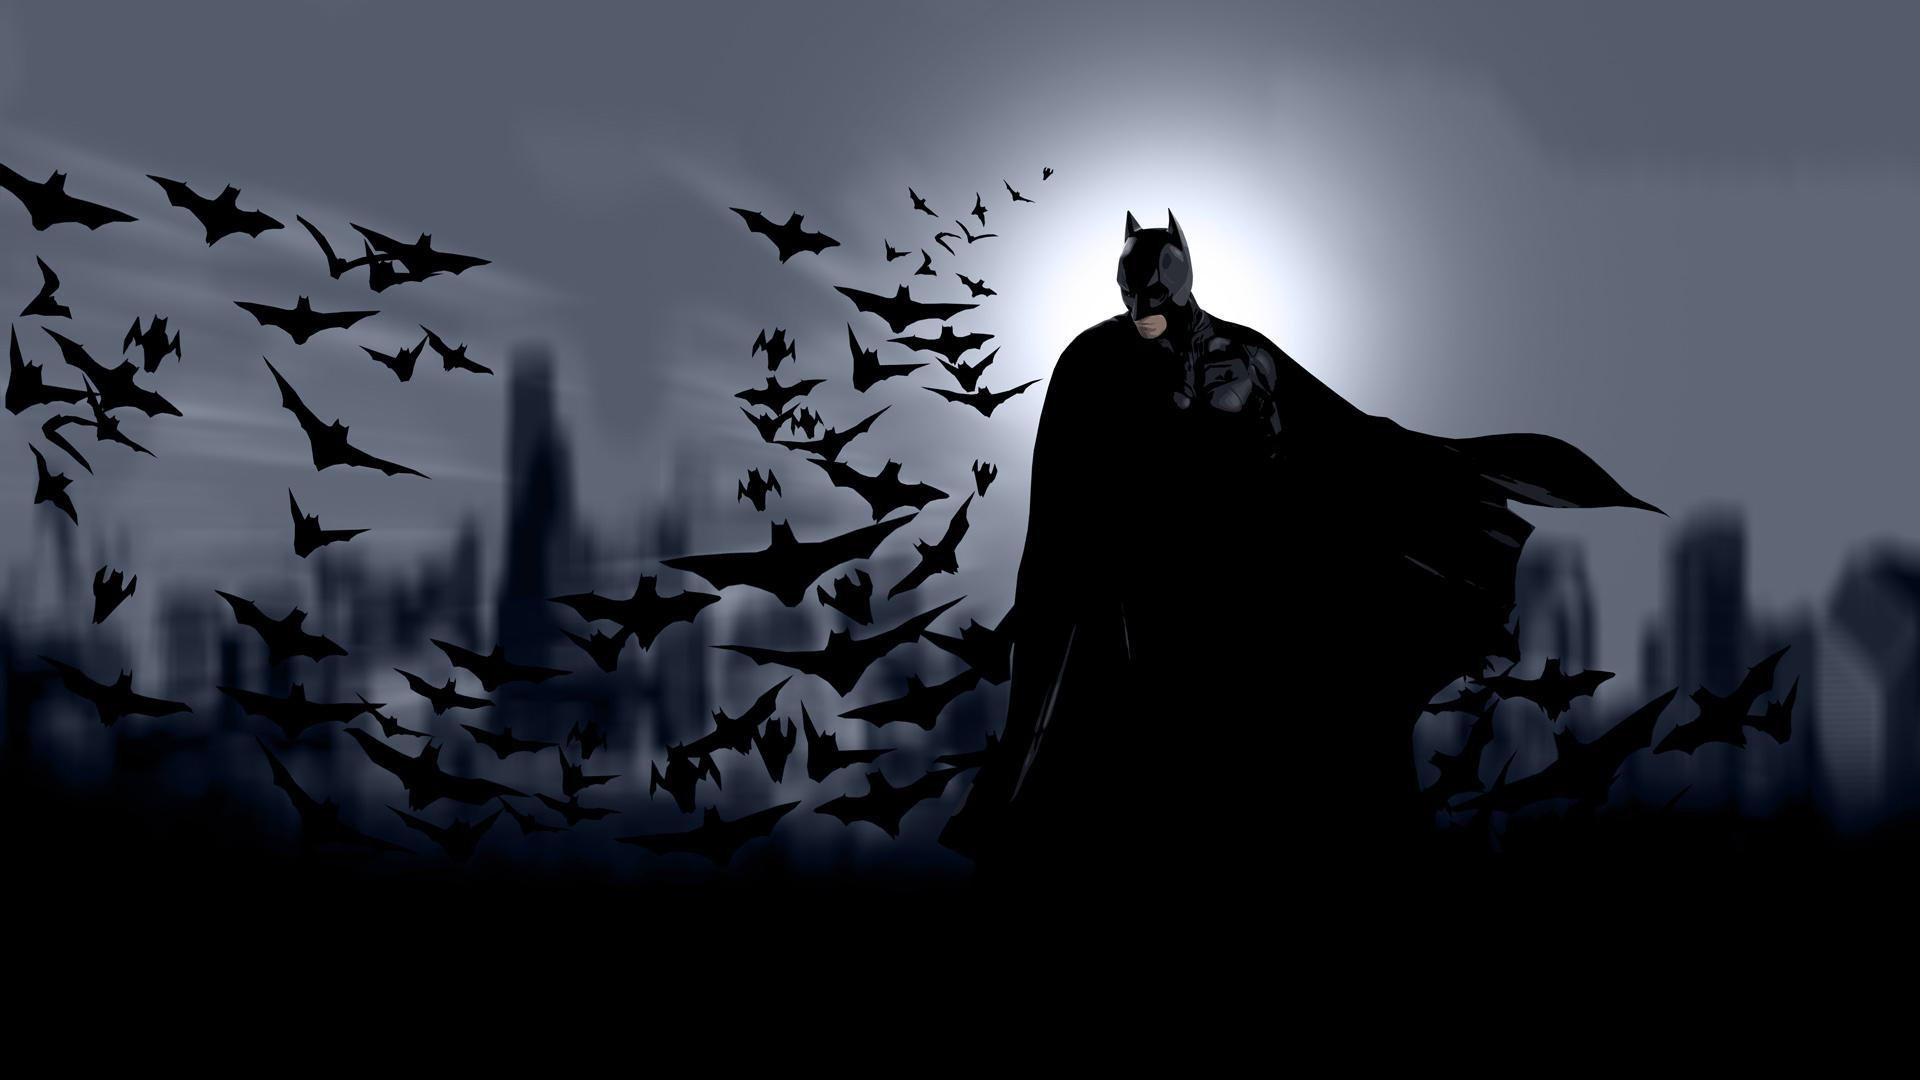 بالصور خلفيات باتمان , صور البطل الخارق محبوب الاطفال 3538 4